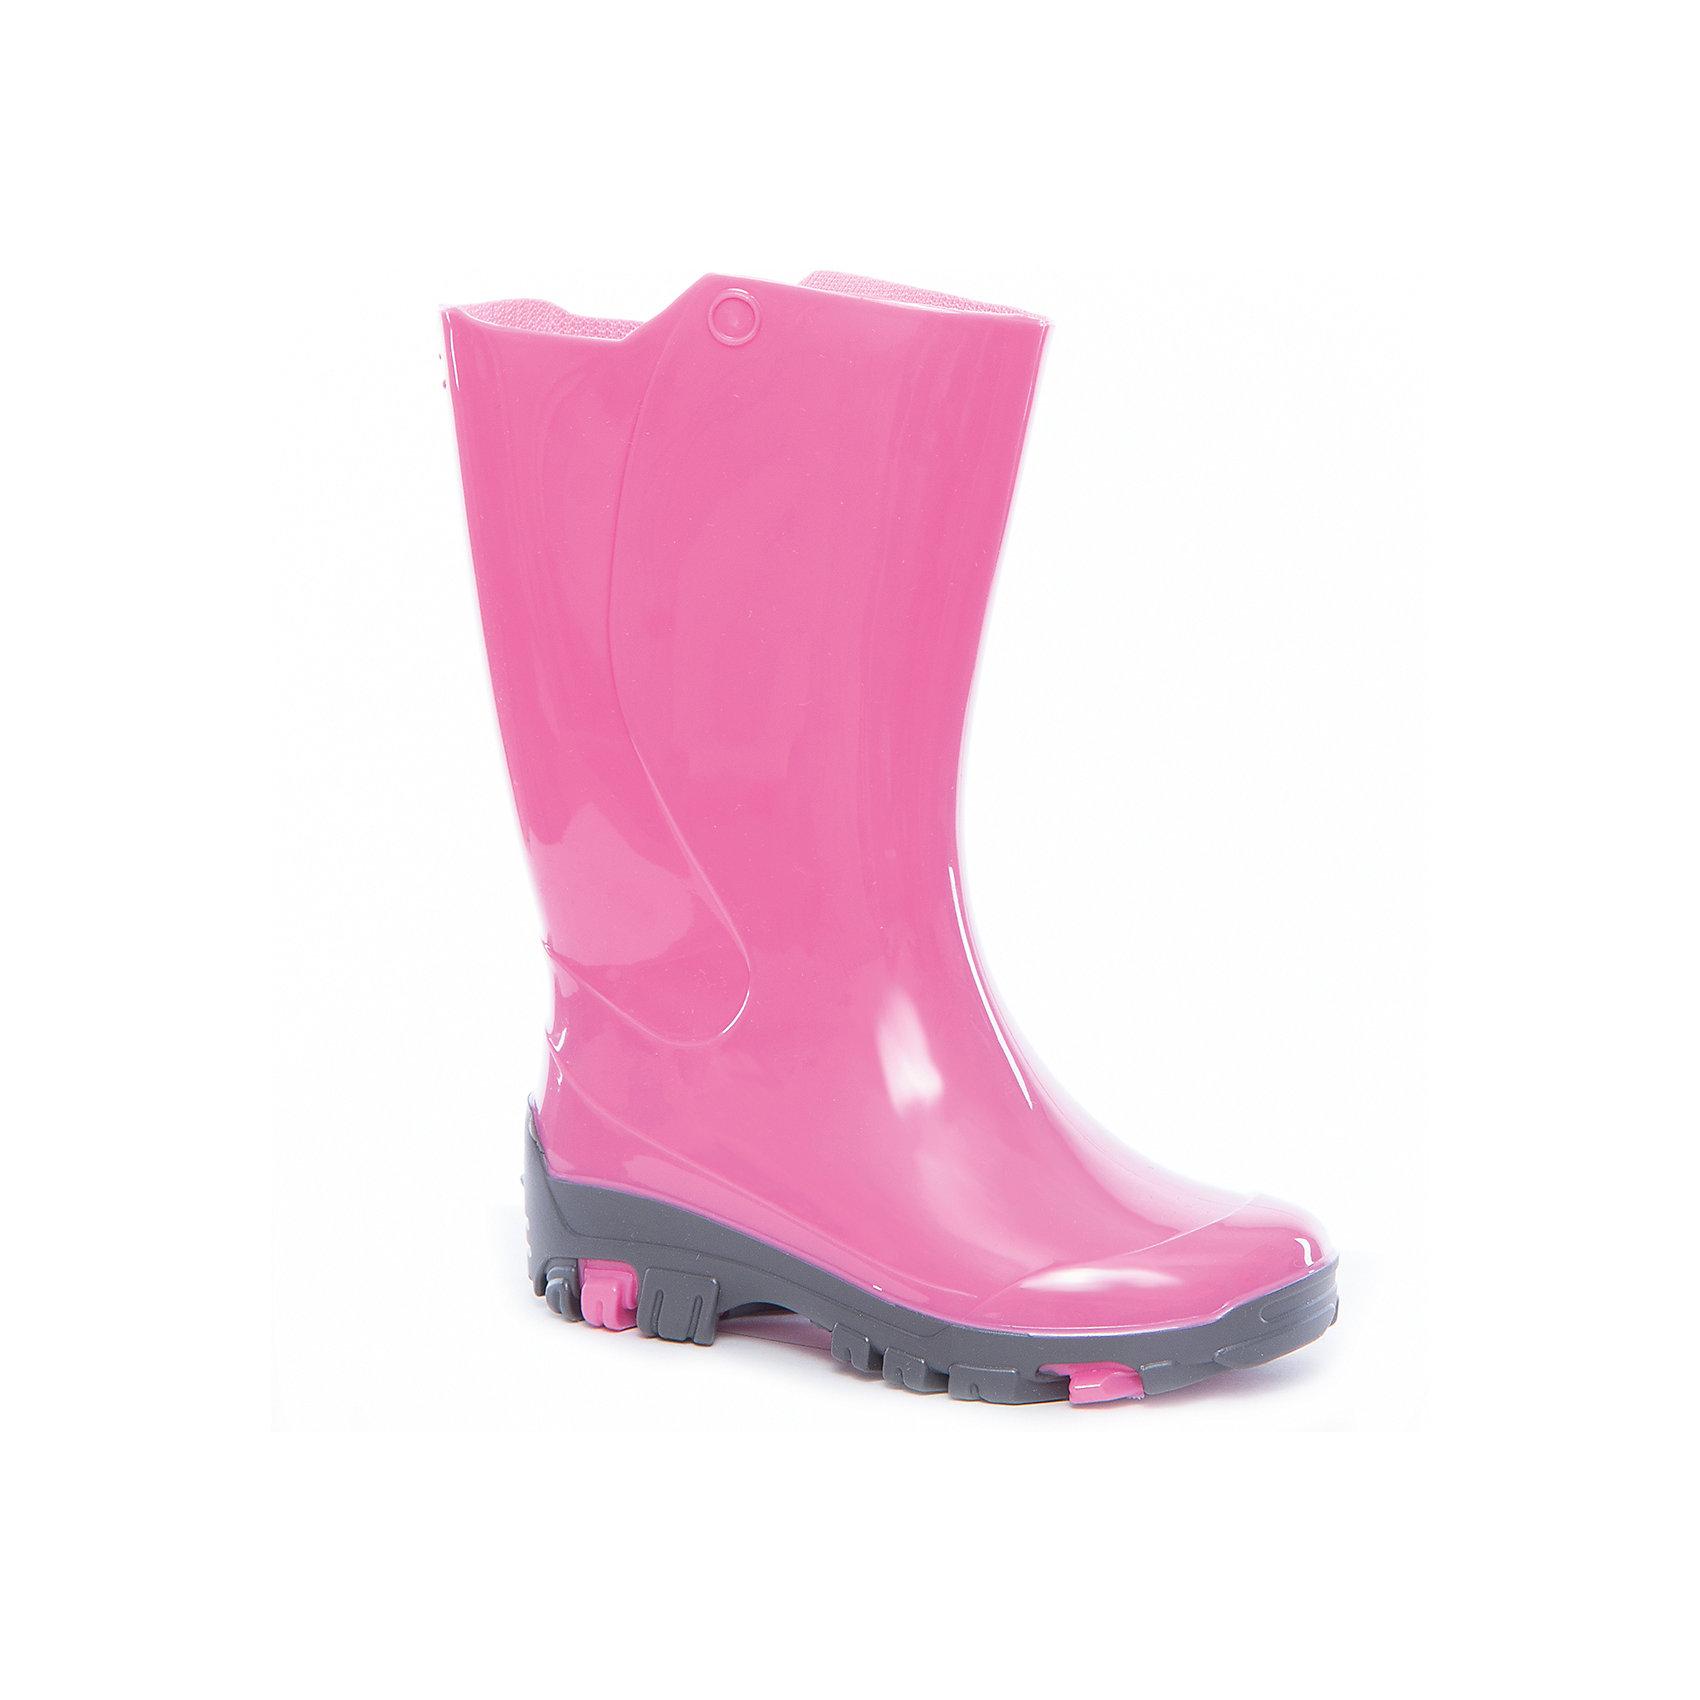 Резиновые сапоги NordmanРезиновые сапоги<br>Характеристики товара:<br><br>• цвет: розовый<br>• внешний материал: ПВХ (PVC)<br>• внутренний материал: текстиль<br>• стелька: текстиль<br>• подошва: резина<br>• температурный режим: от +5°С до +20°С<br>• голенище средней высоты<br>• лёгкие<br>• без принта<br>• рельефная толстая подошва<br>• устойчивые<br>• не промокают<br>• страна бренда: Российская Федерация<br>• страна изготовитель: Российская Федерация<br><br>Когда на улице сыро, резиновые сапоги - необходимый атрибут для ребенка. Эта модель отличается удобной формой, вынимающейся флисовой подкладкой и устойчивой толстой подошвой - так ноги точно останутся в сухости и тепле. Отличный вариант качественной обуви от отечественного производителя!<br><br>Резиновые сапоги от российского бренда Nordman (Нордман) можно купить в нашем интернет-магазине.<br><br>Ширина мм: 237<br>Глубина мм: 180<br>Высота мм: 152<br>Вес г: 438<br>Цвет: розовый<br>Возраст от месяцев: 60<br>Возраст до месяцев: 72<br>Пол: Женский<br>Возраст: Детский<br>Размер: 28/29,29/30,31/32,32/33,23/24,24/25,25/26,26/27<br>SKU: 5436628